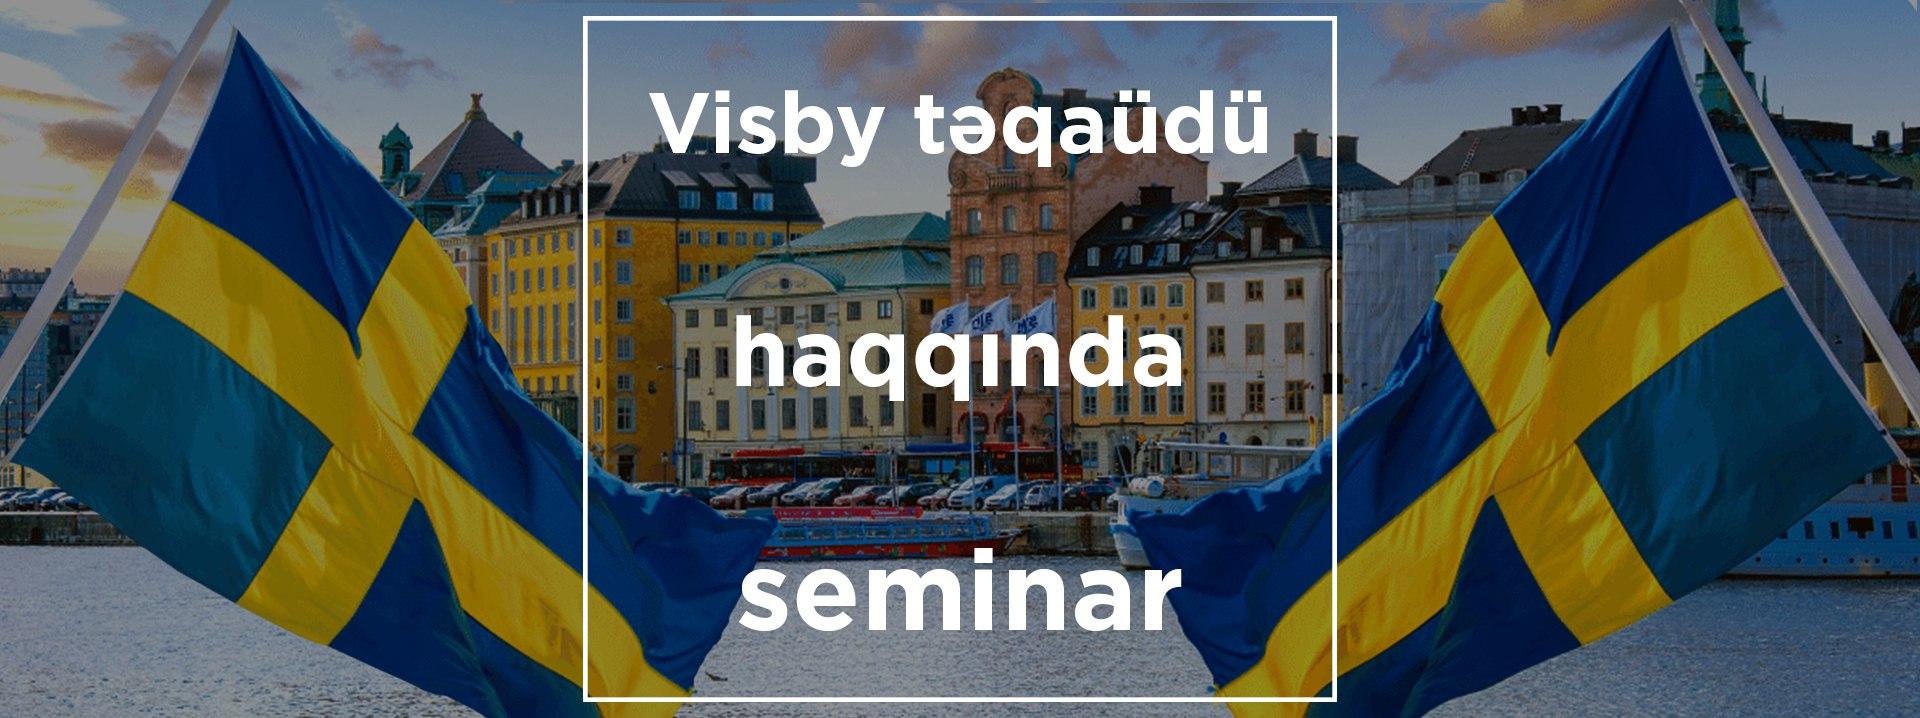 Visby təqaüdü haqqında seminar